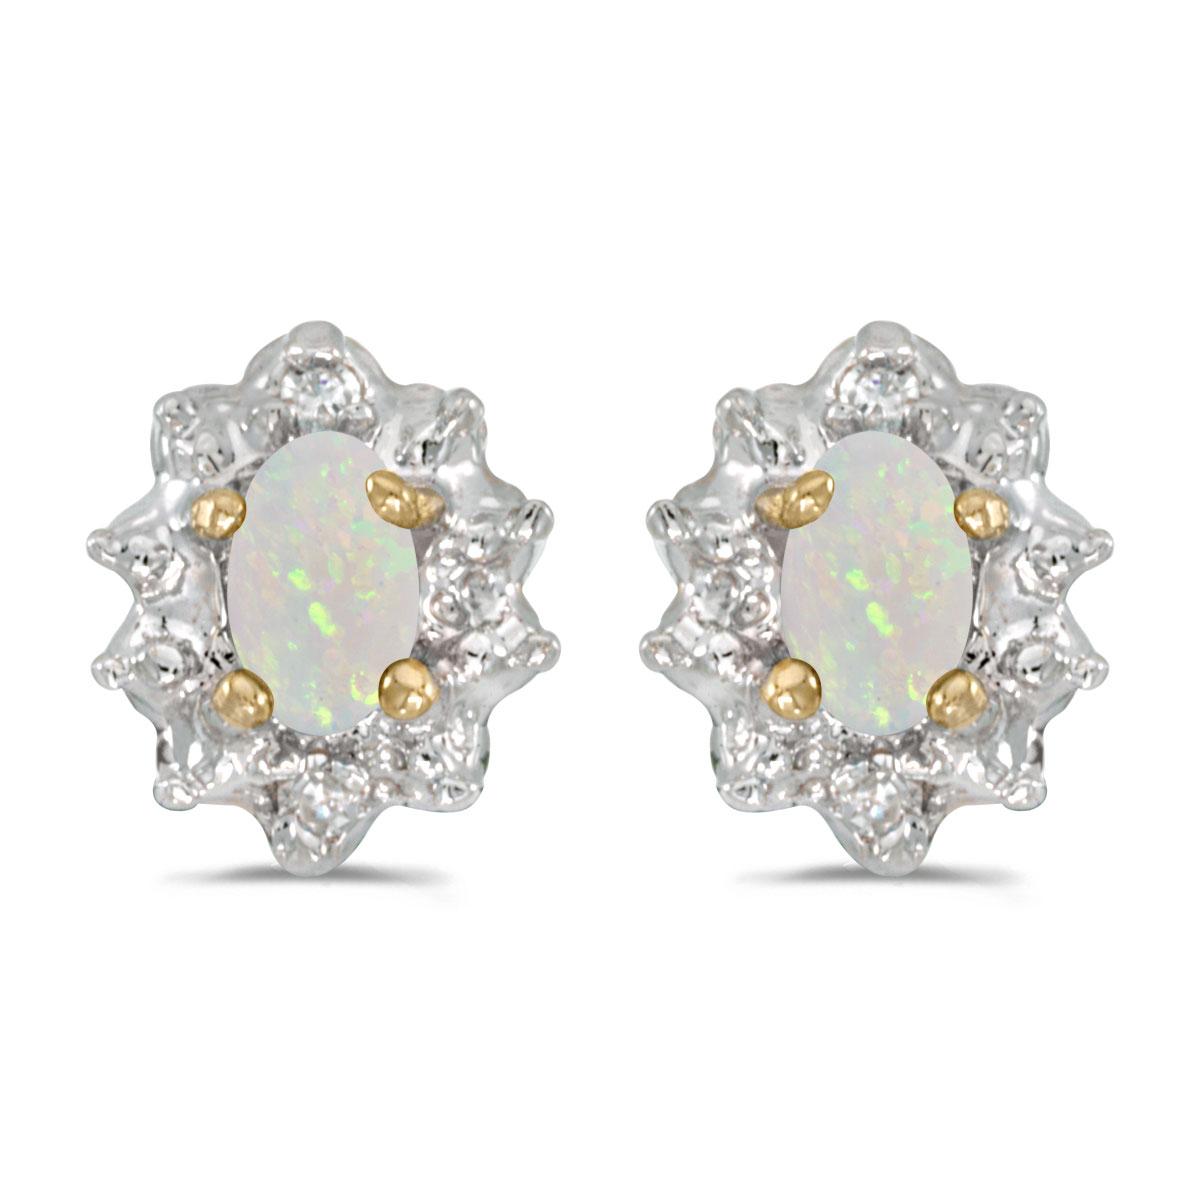 10K Yellow Gold Opal Oval Stud Earrings